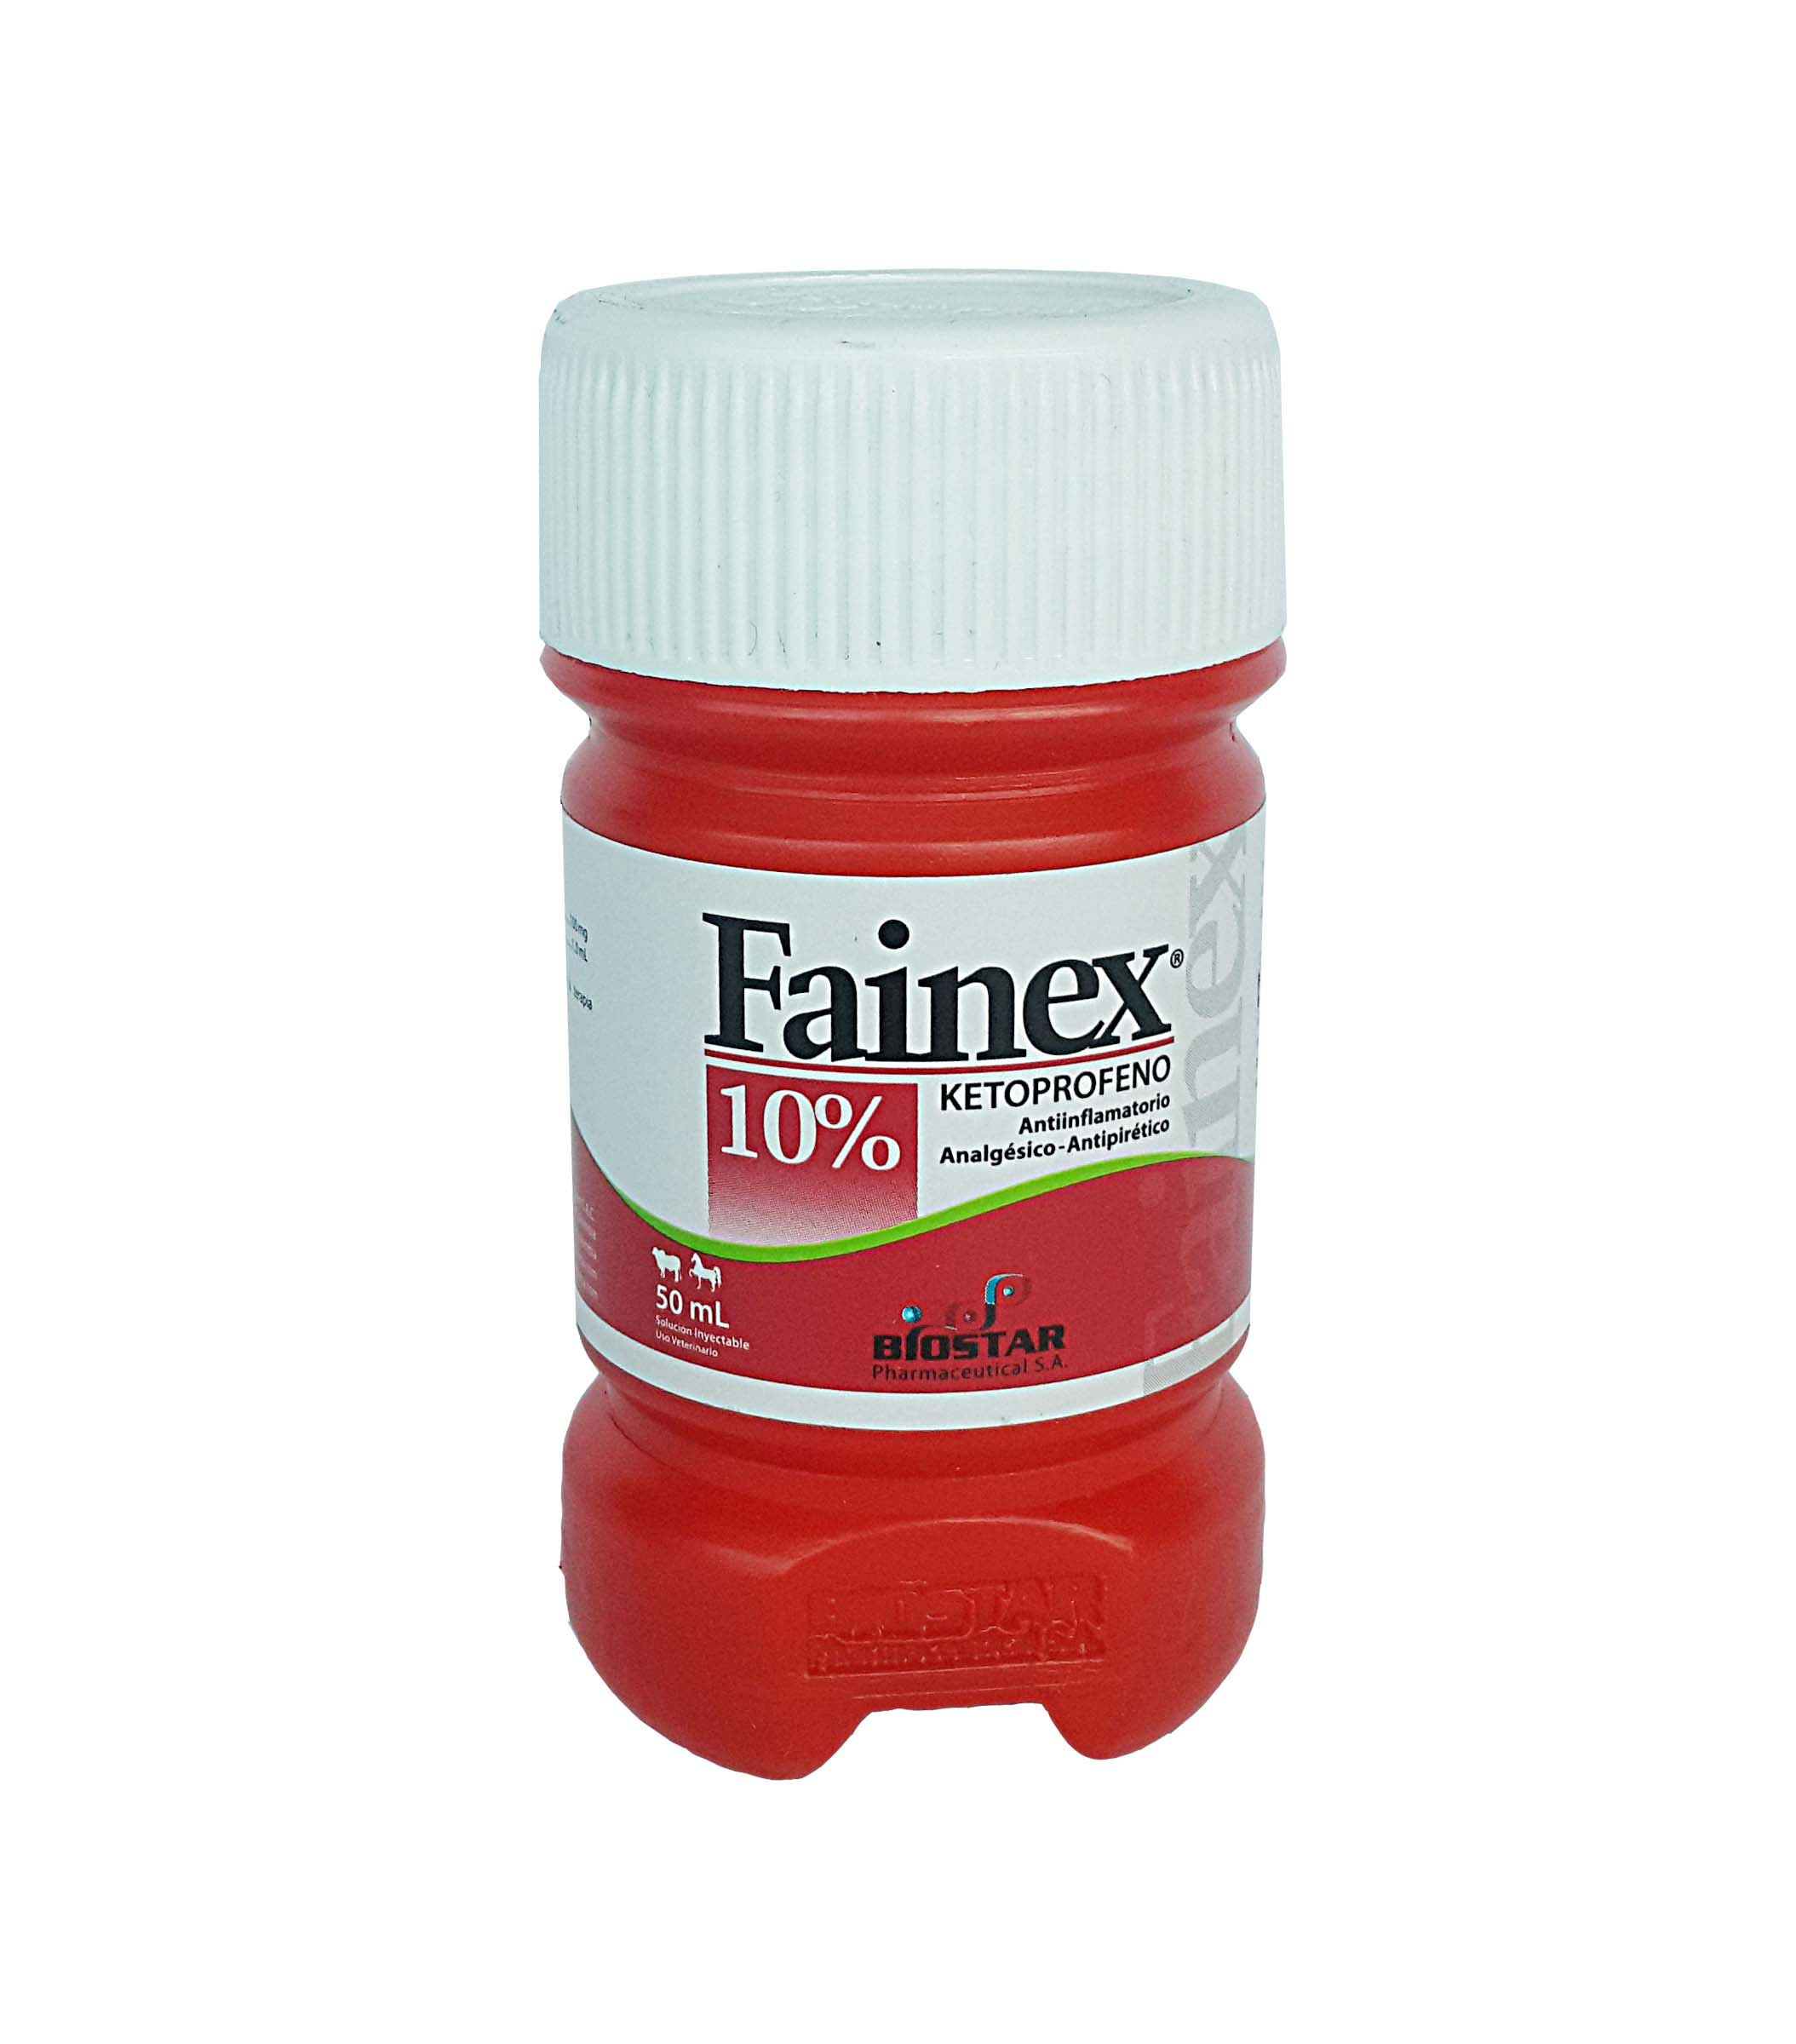 Fainex